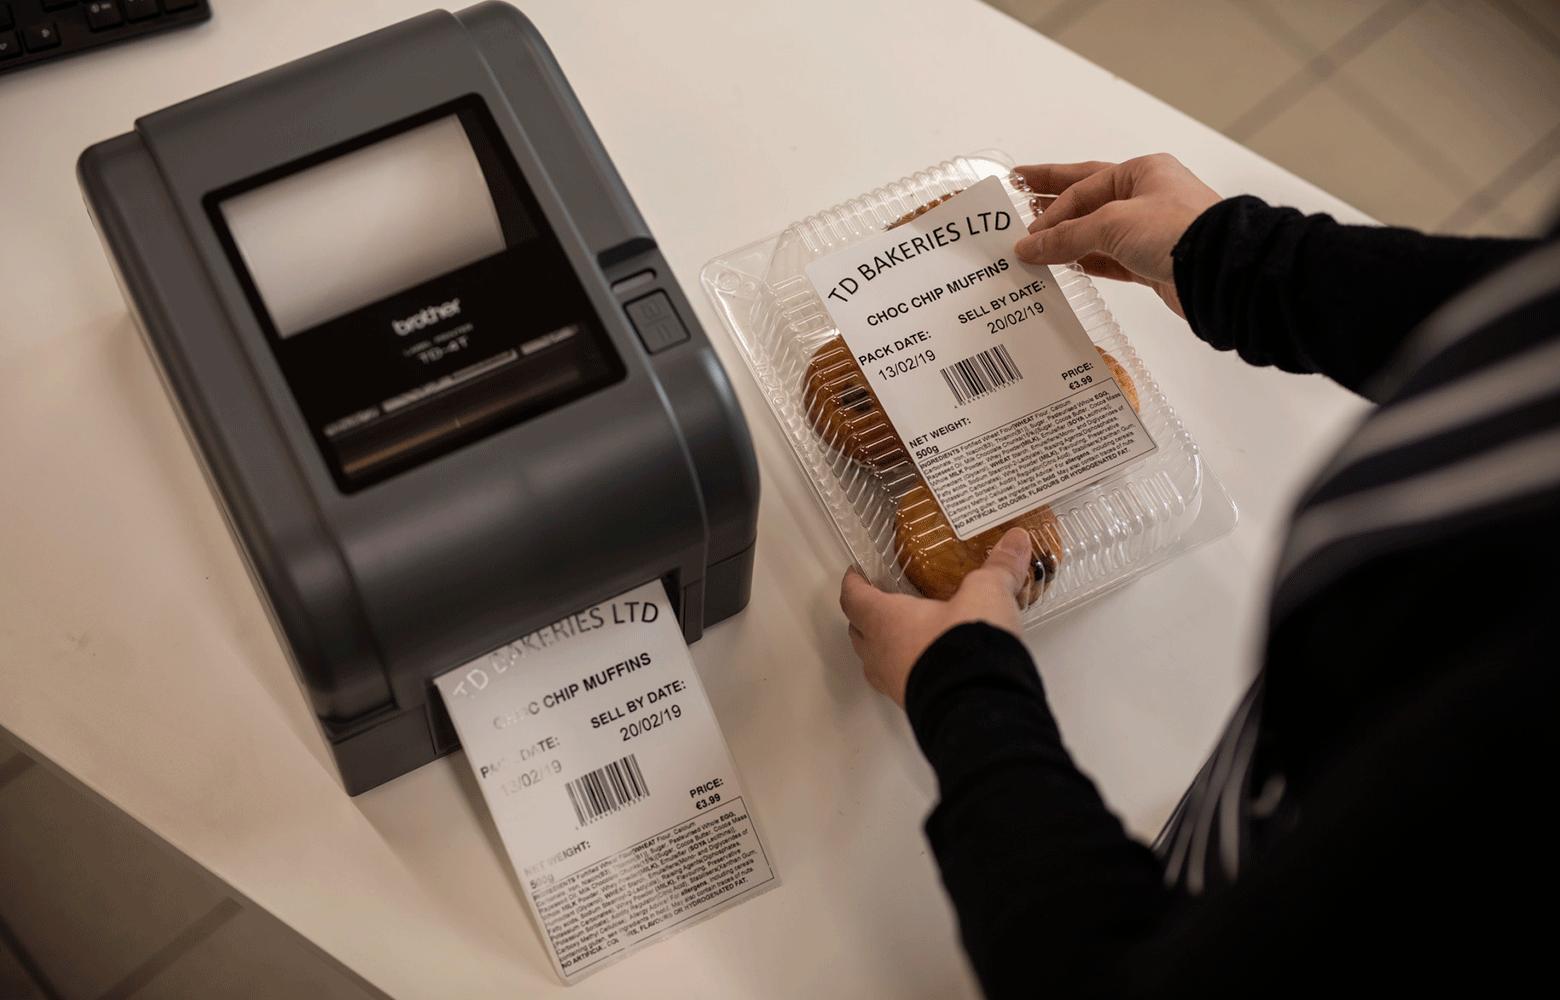 TD pisač ispisuje naljepnicu za kutiju muffina